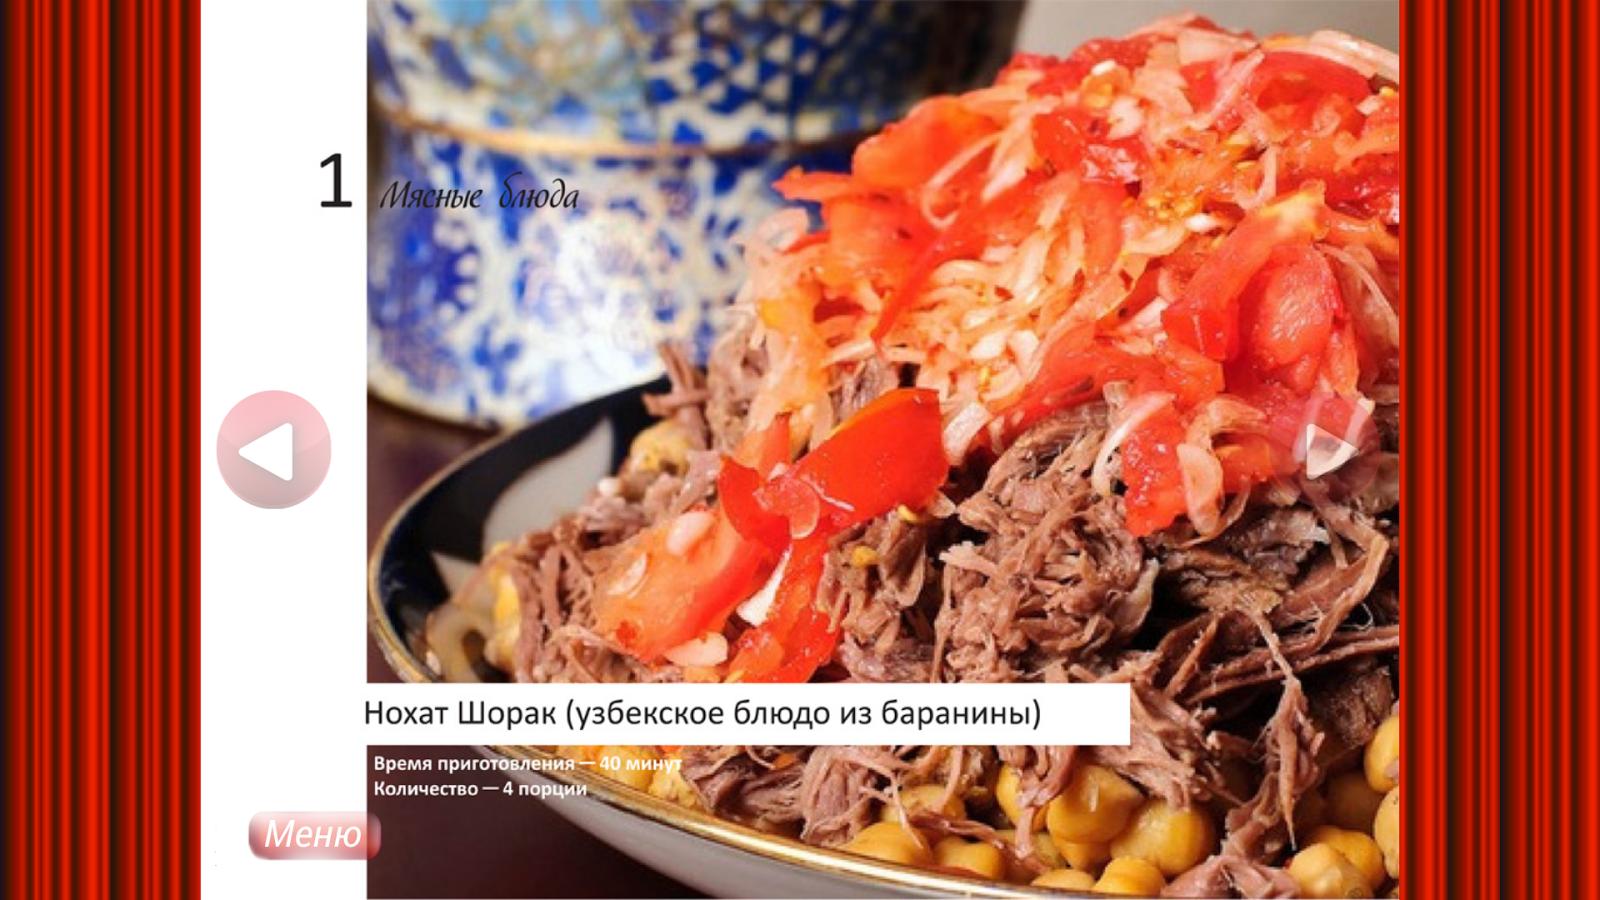 Национальные блюда испании фото